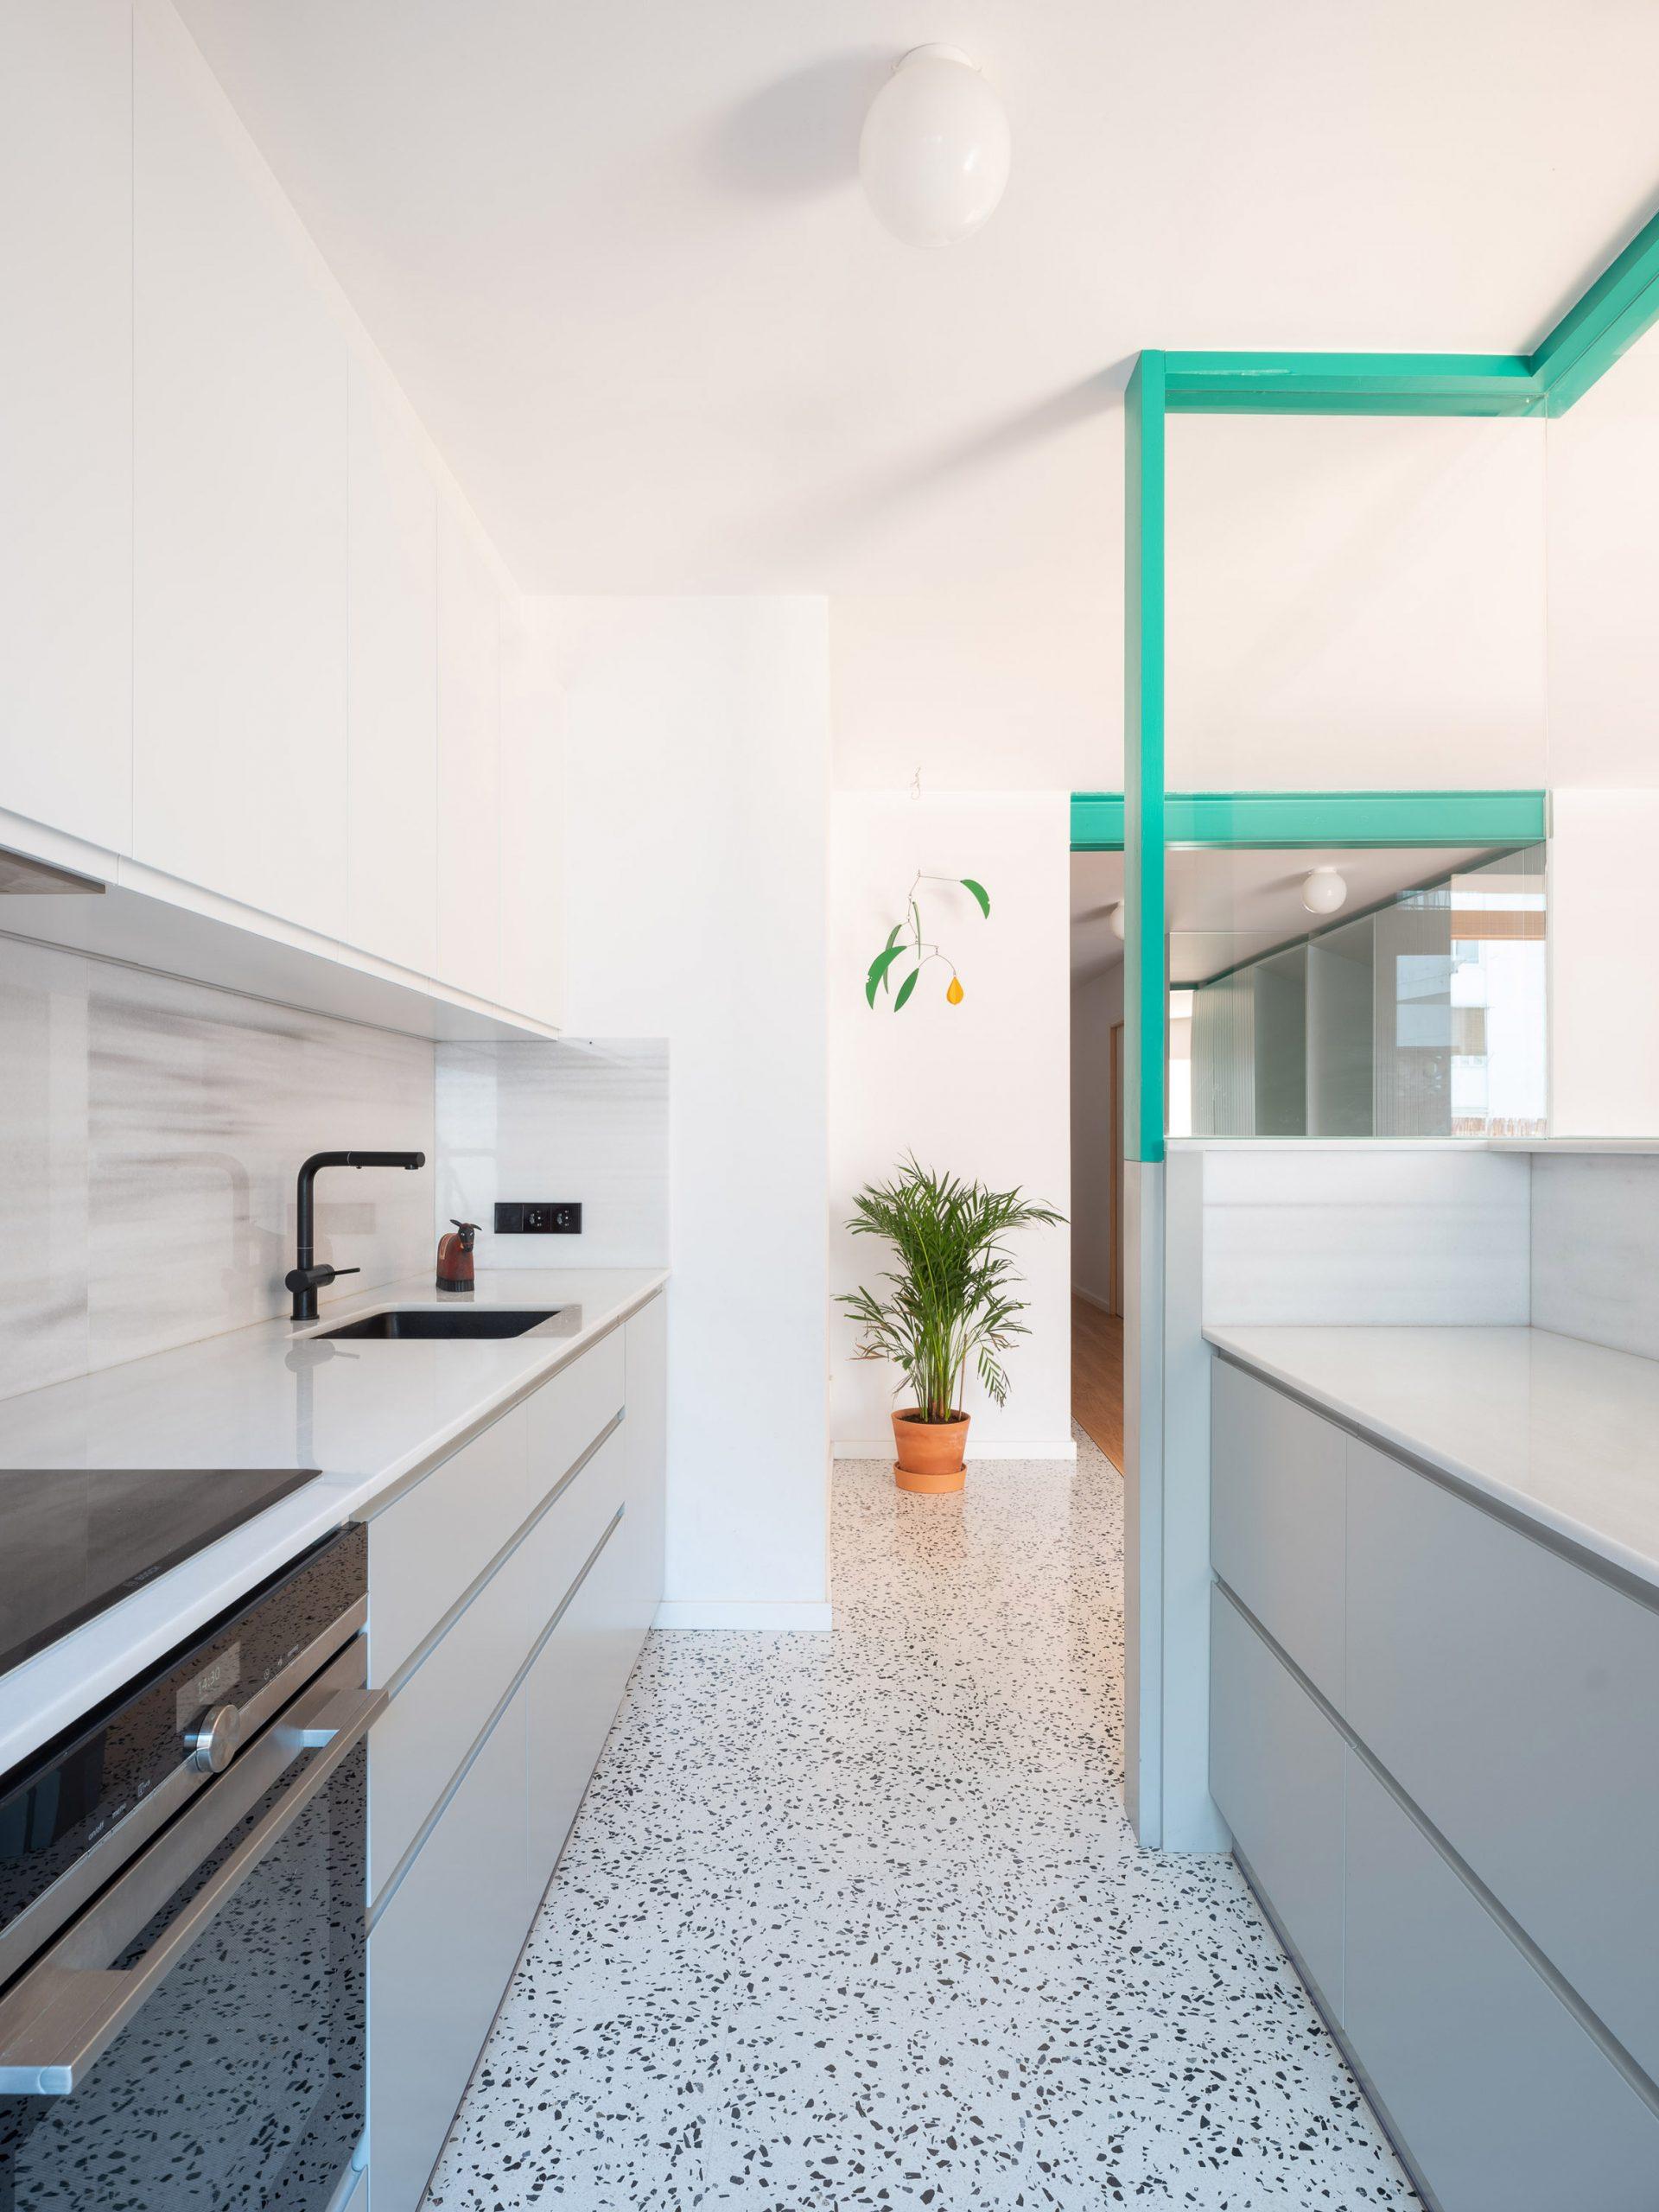 Terrazzo floor in Spanish apartment